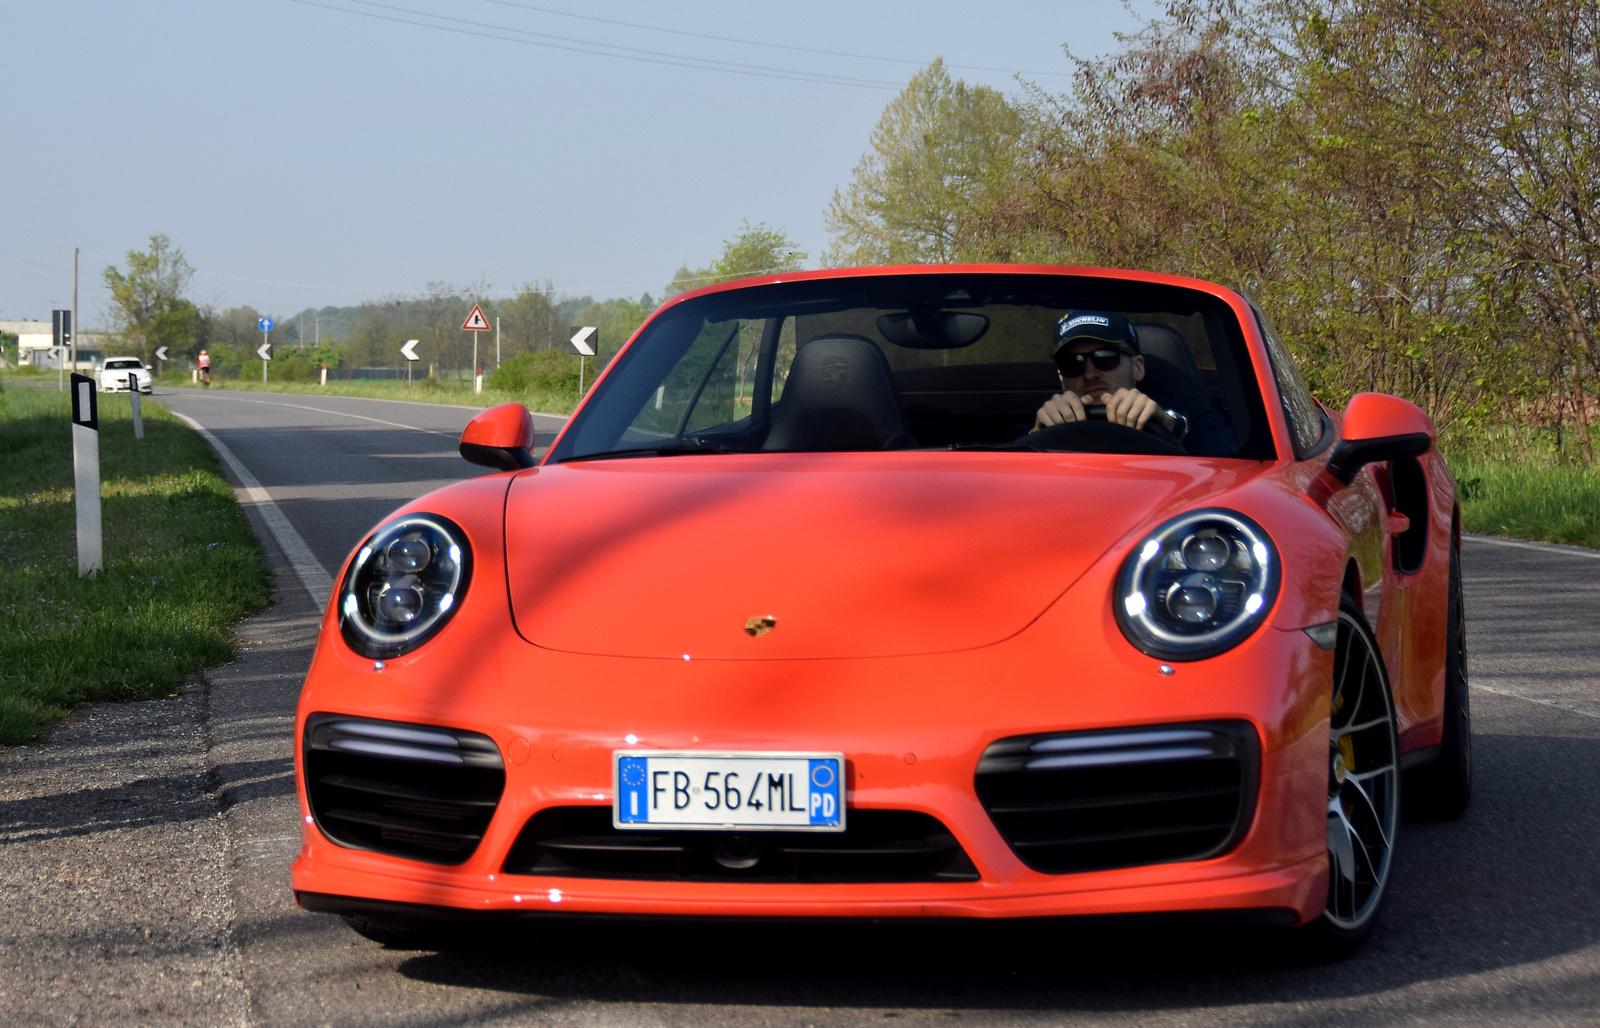 Porsche 911 Turbo S Cabriolet (991) MkII